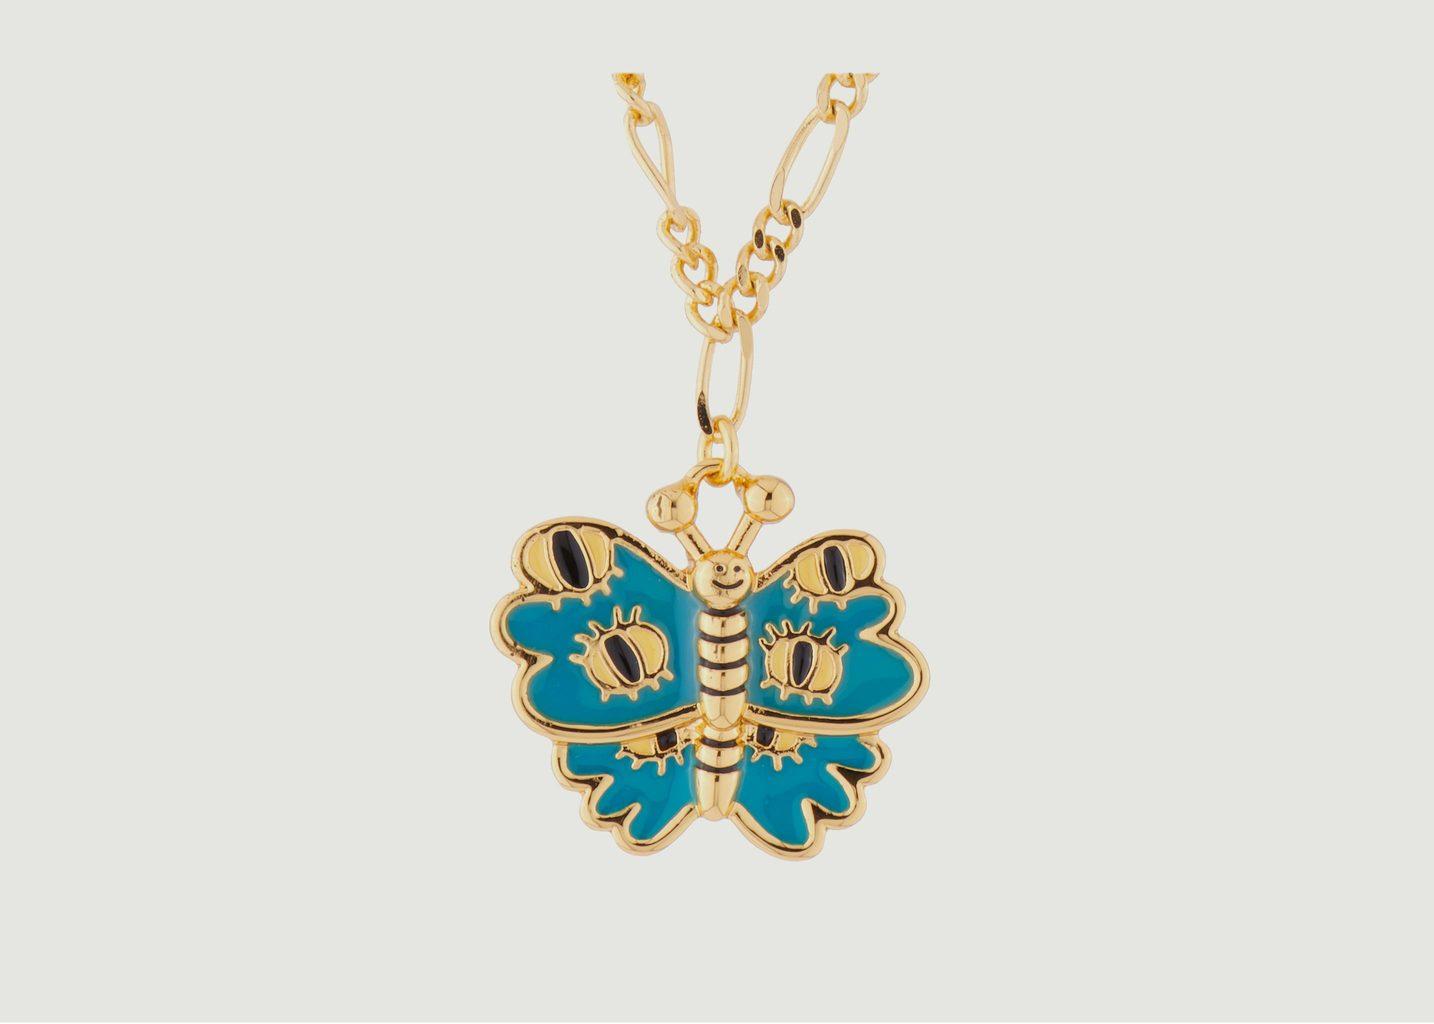 Collier Chaîne Avec Papillon - N2